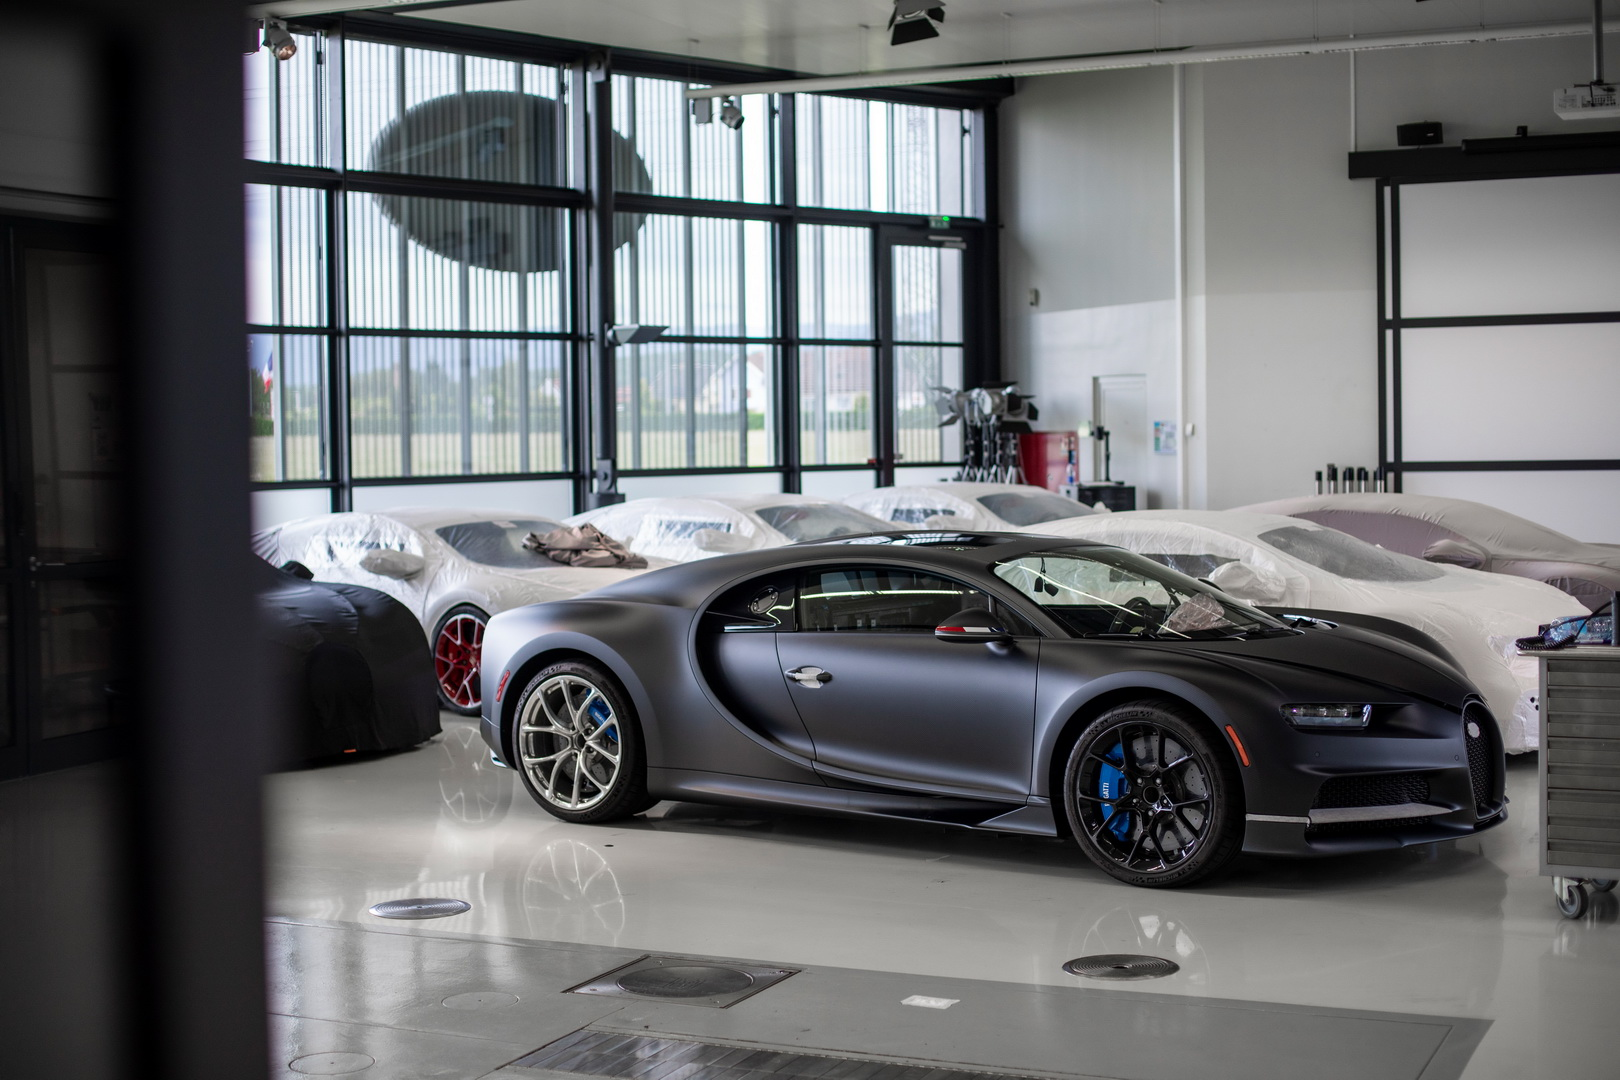 Hãng xe Bugatti ngày nay thuộc về sở hữu của tập đoàn Volkswagen, Đức